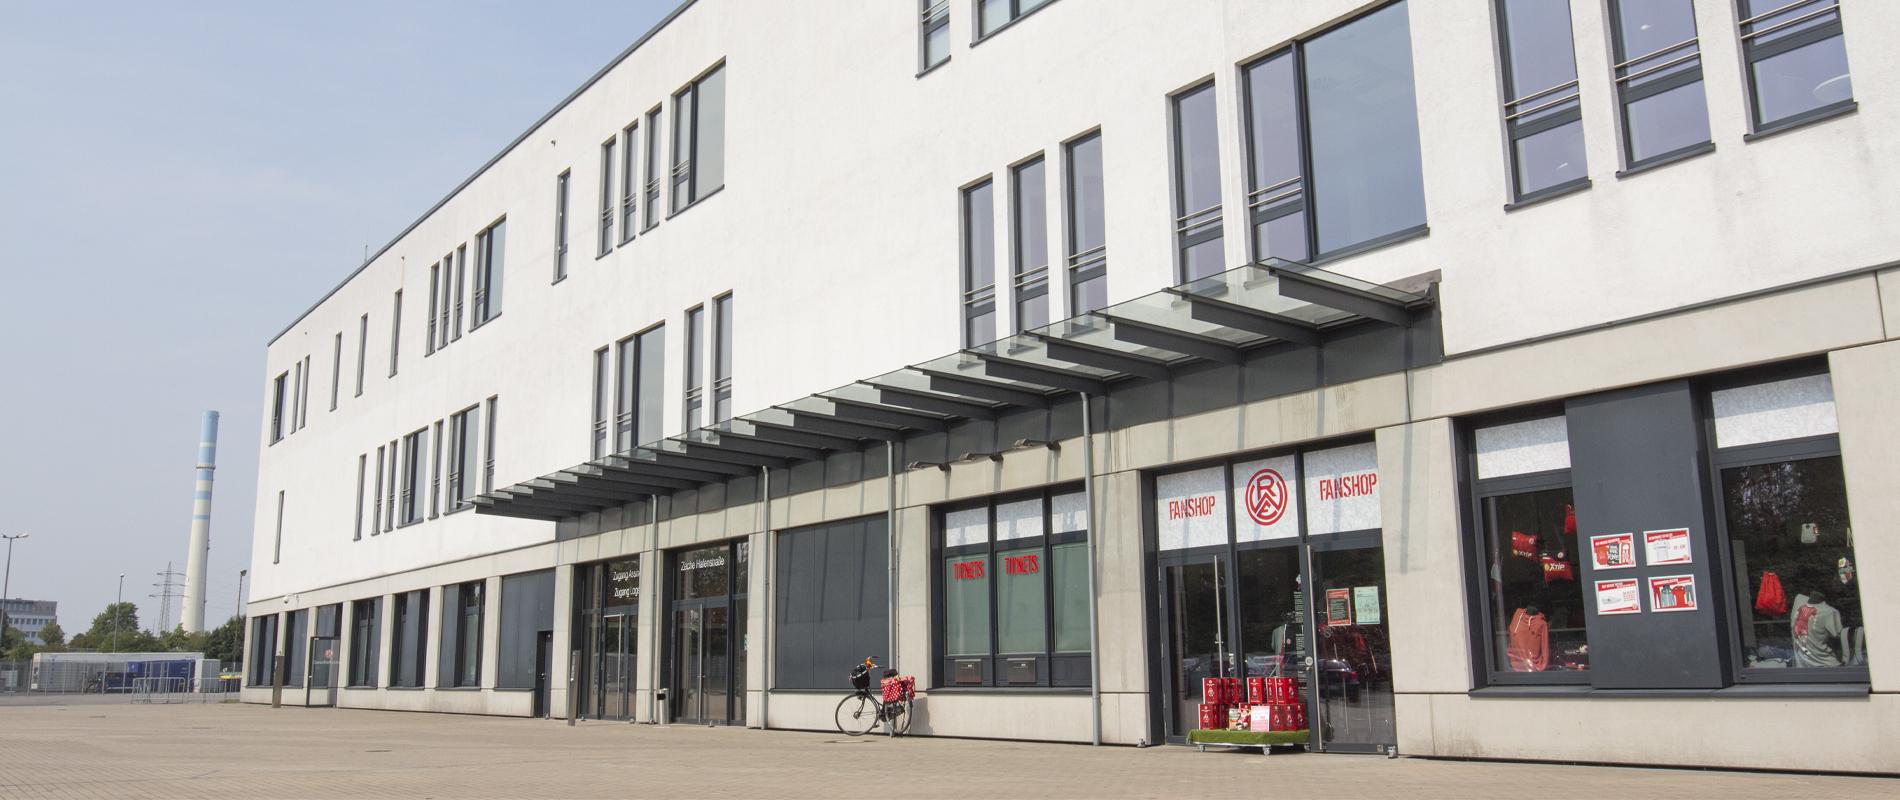 Rot-Weisse Weihnachtszeit: Wer bis zum 13. Dezember im RWE-Onlineshop bestellt, bekommt die rot-weisse Ware rechtzeitig vor Weihnachten zugeschickt.